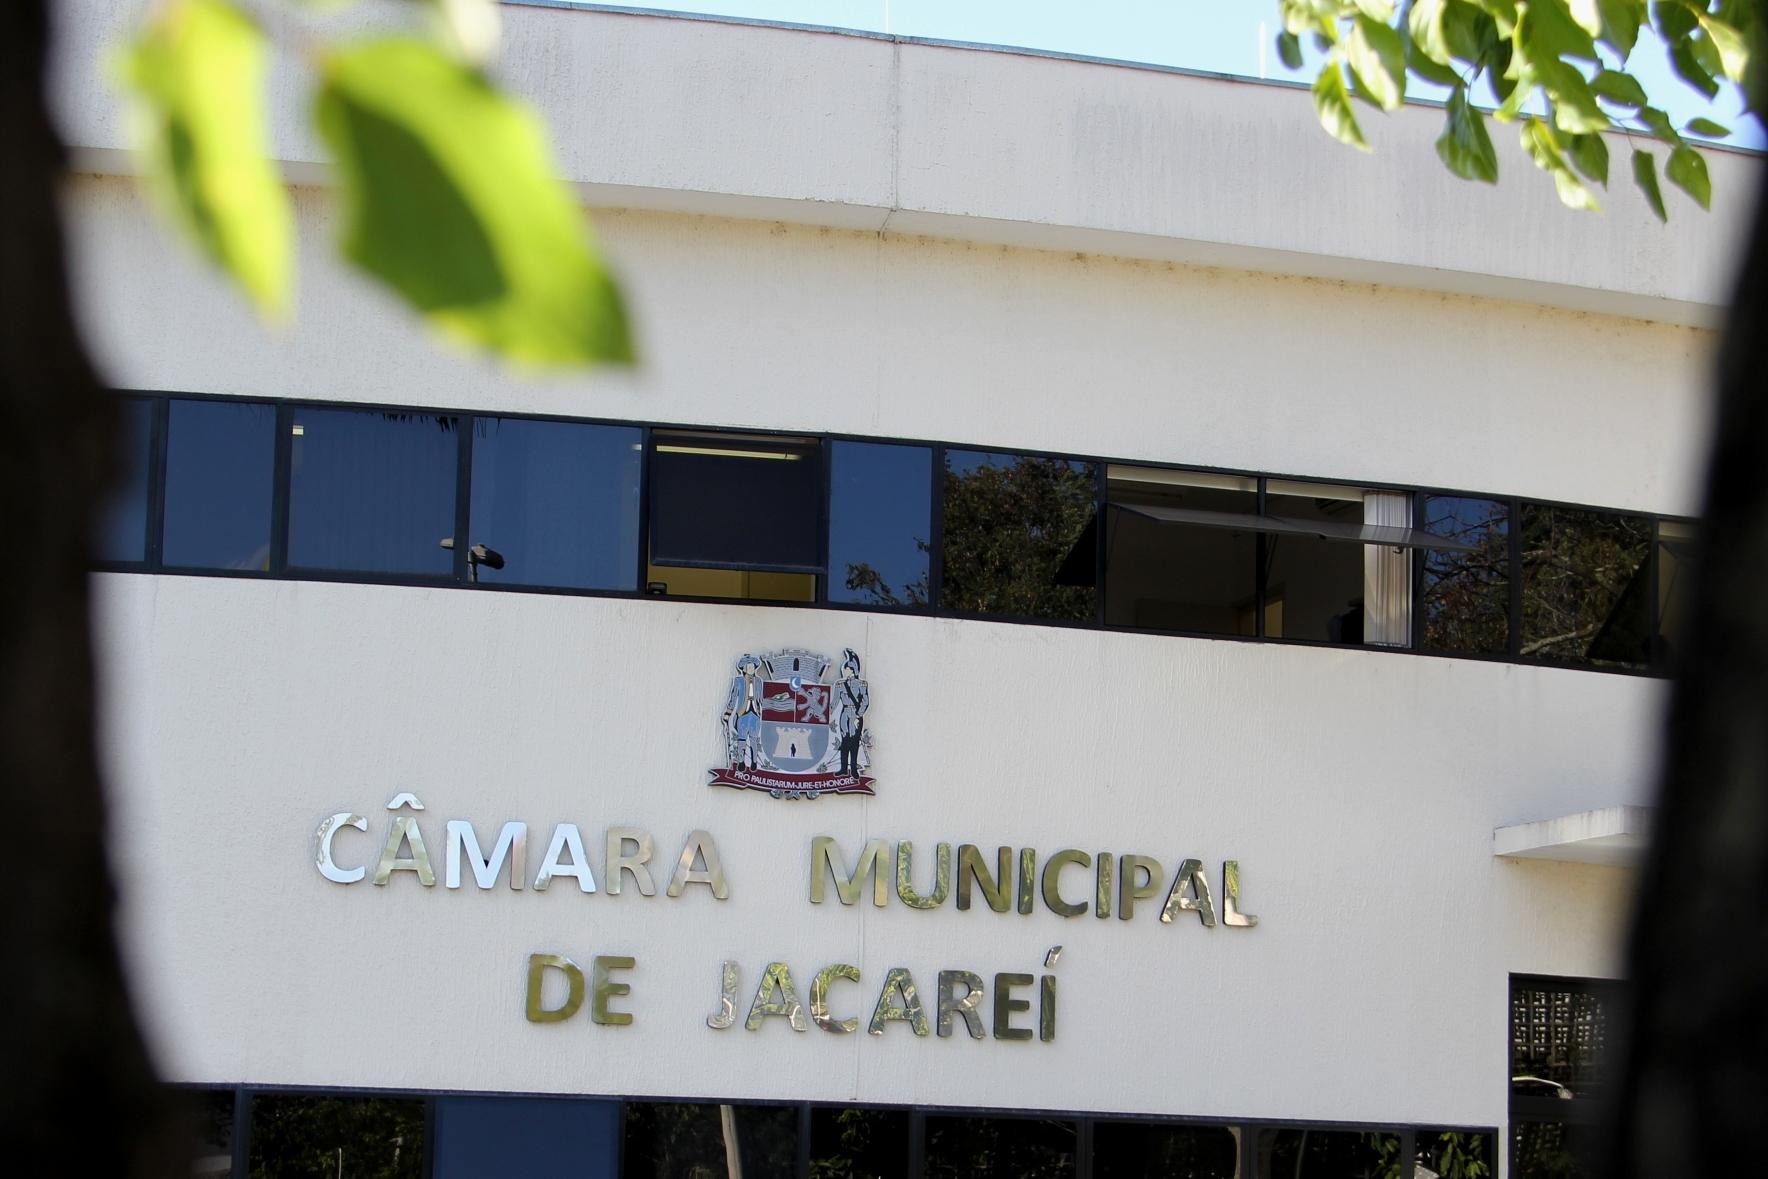 Após restrições anunciadas pelo Governo do Estado de São Paulo, Câmara interrompe expediente ordinário